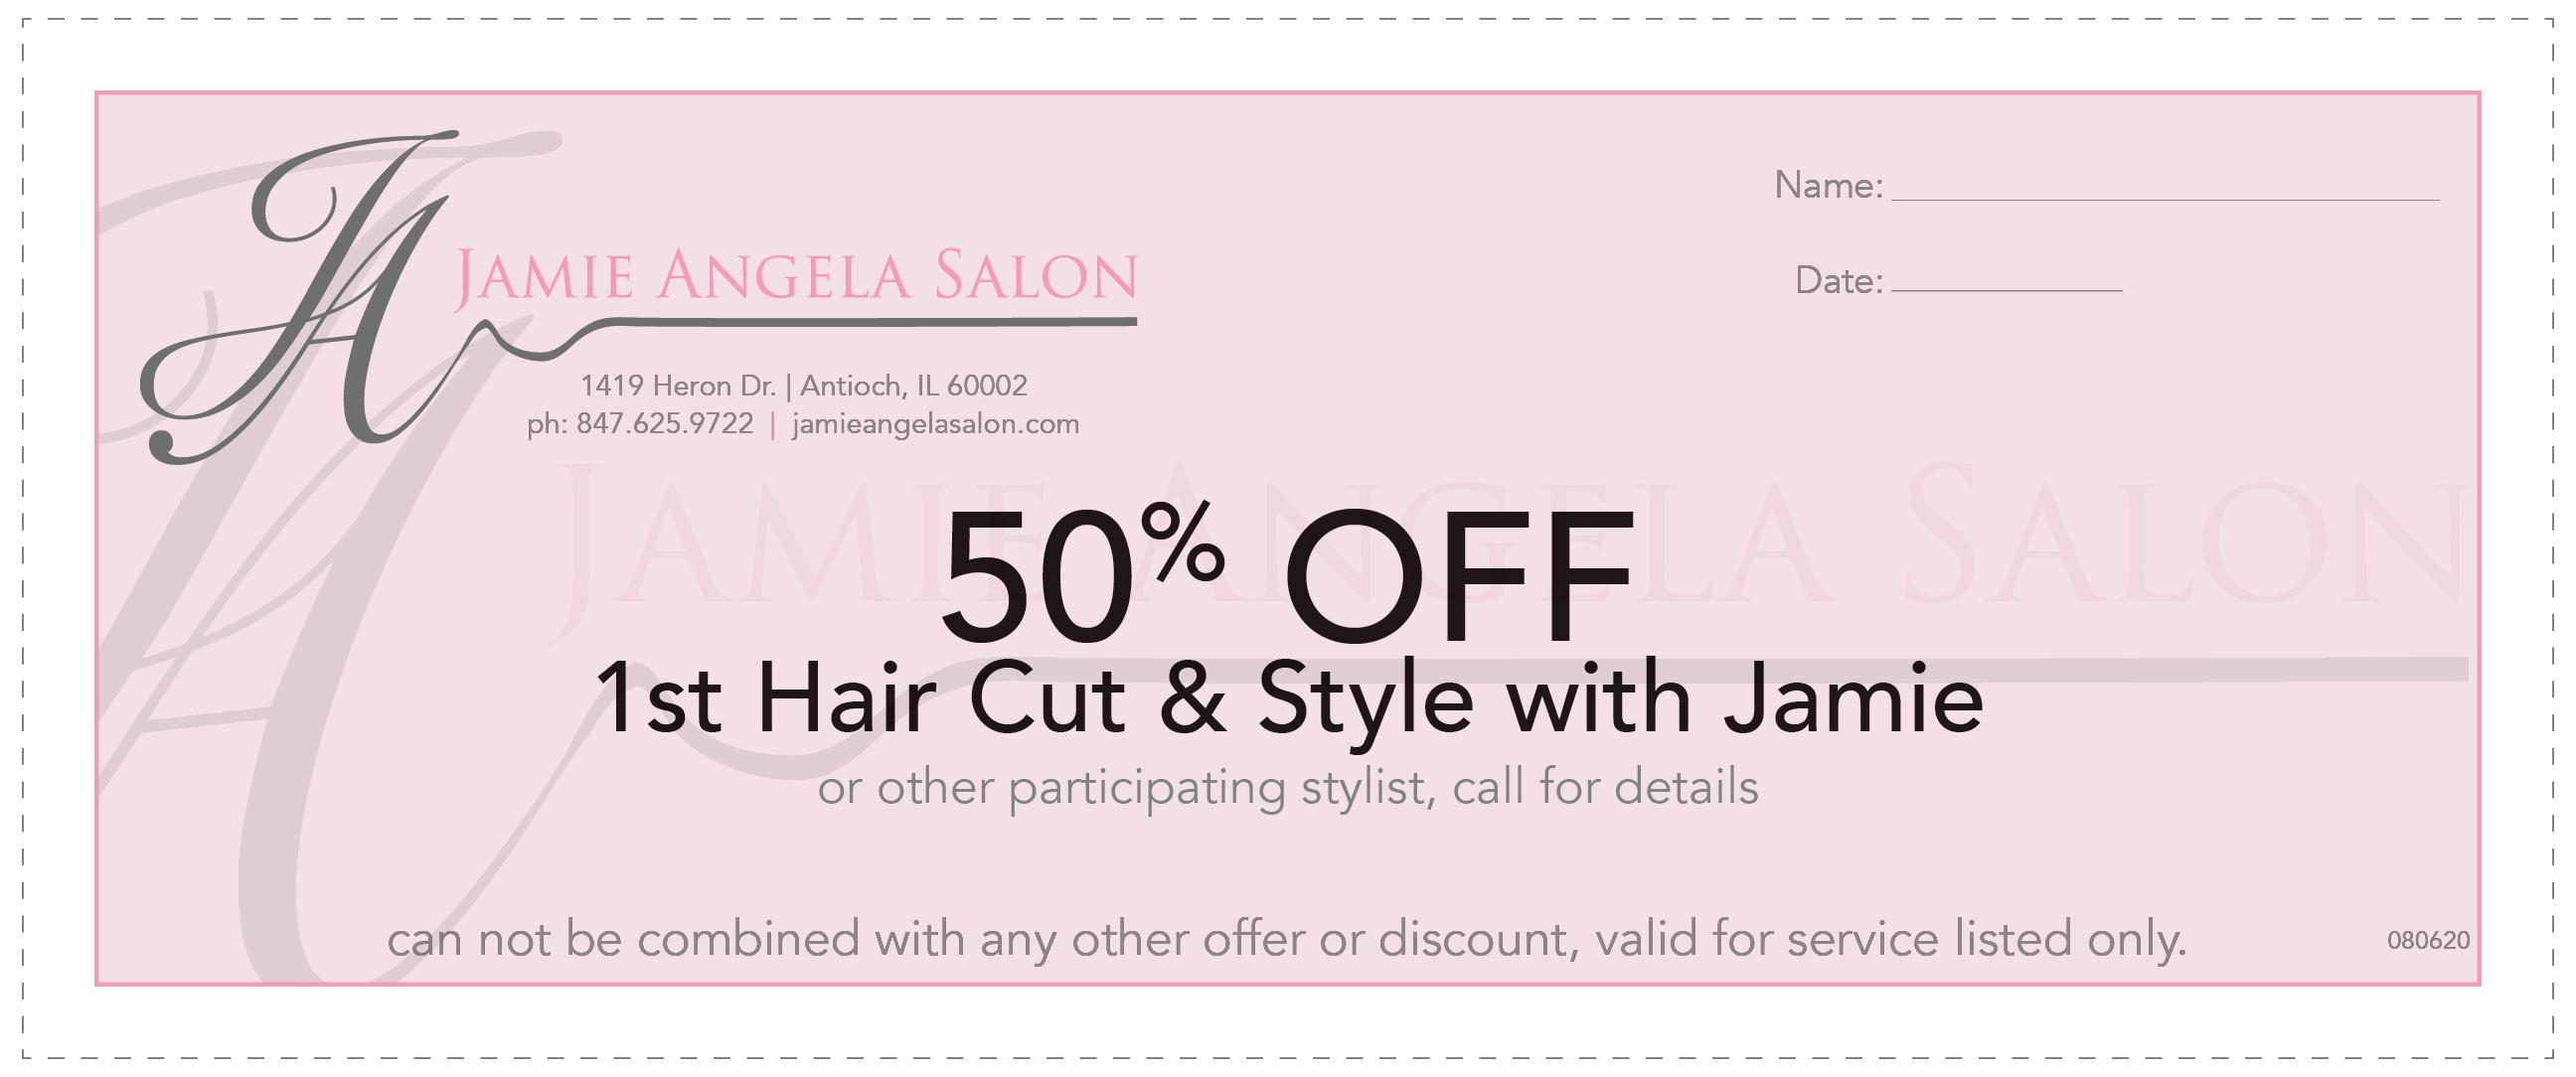 jamie-angela-salon-haircut-coupon